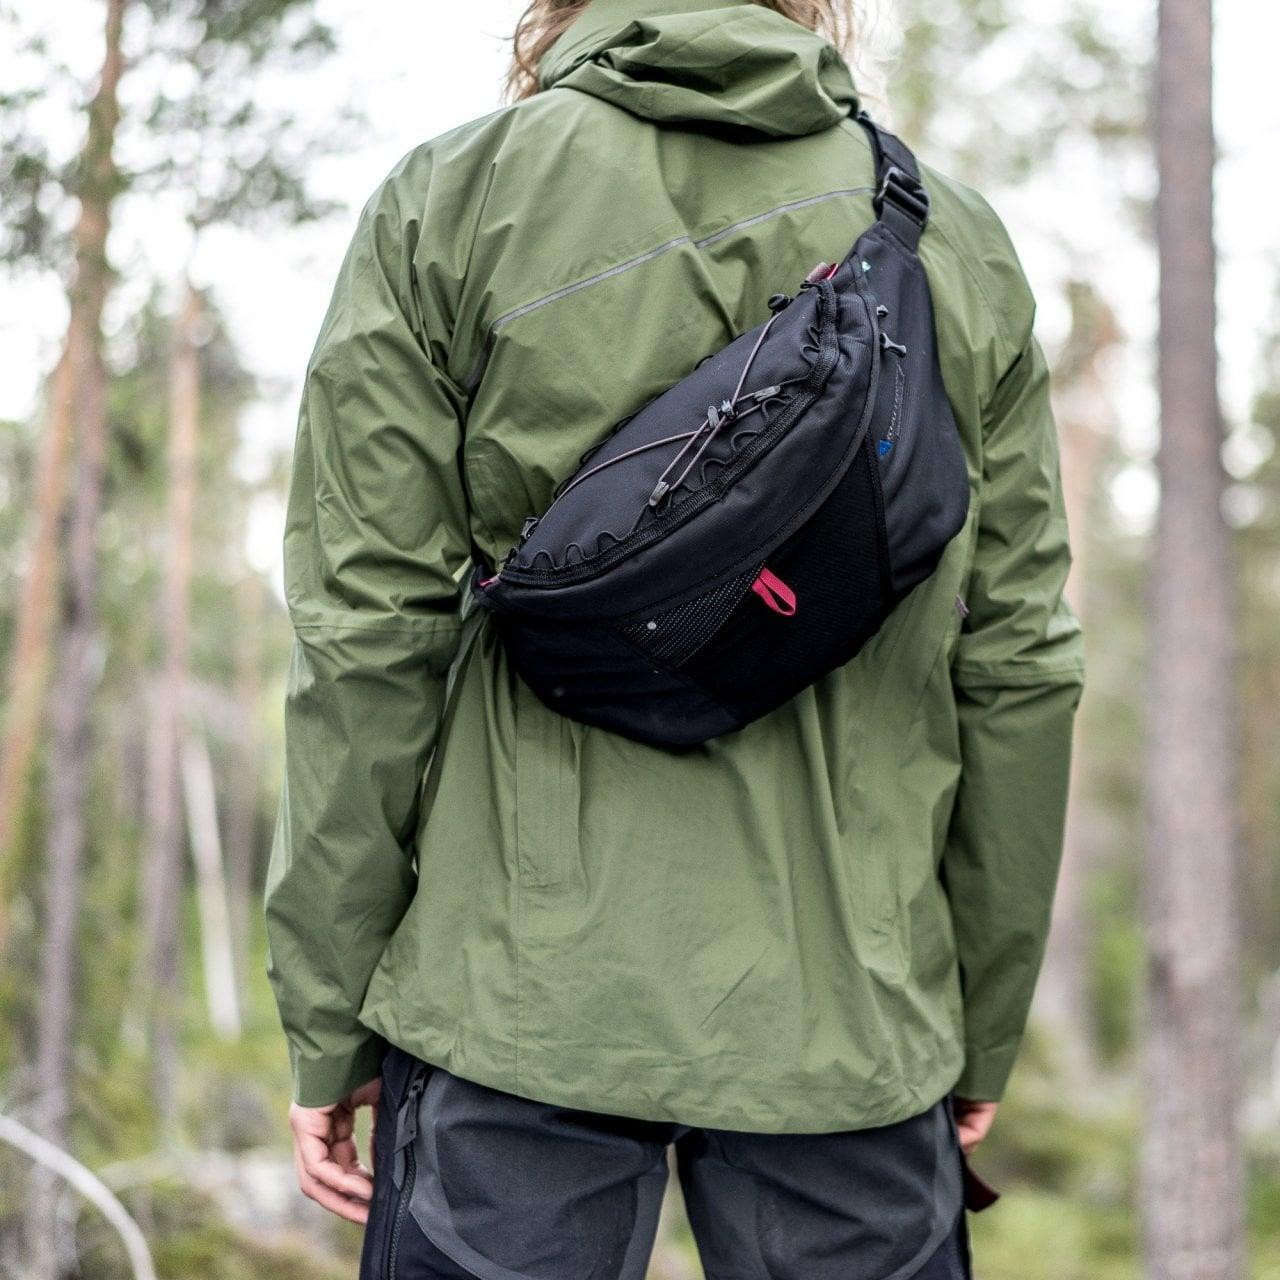 #機能環保全兼具:瑞典Klättermusen攀山鼠登台 2